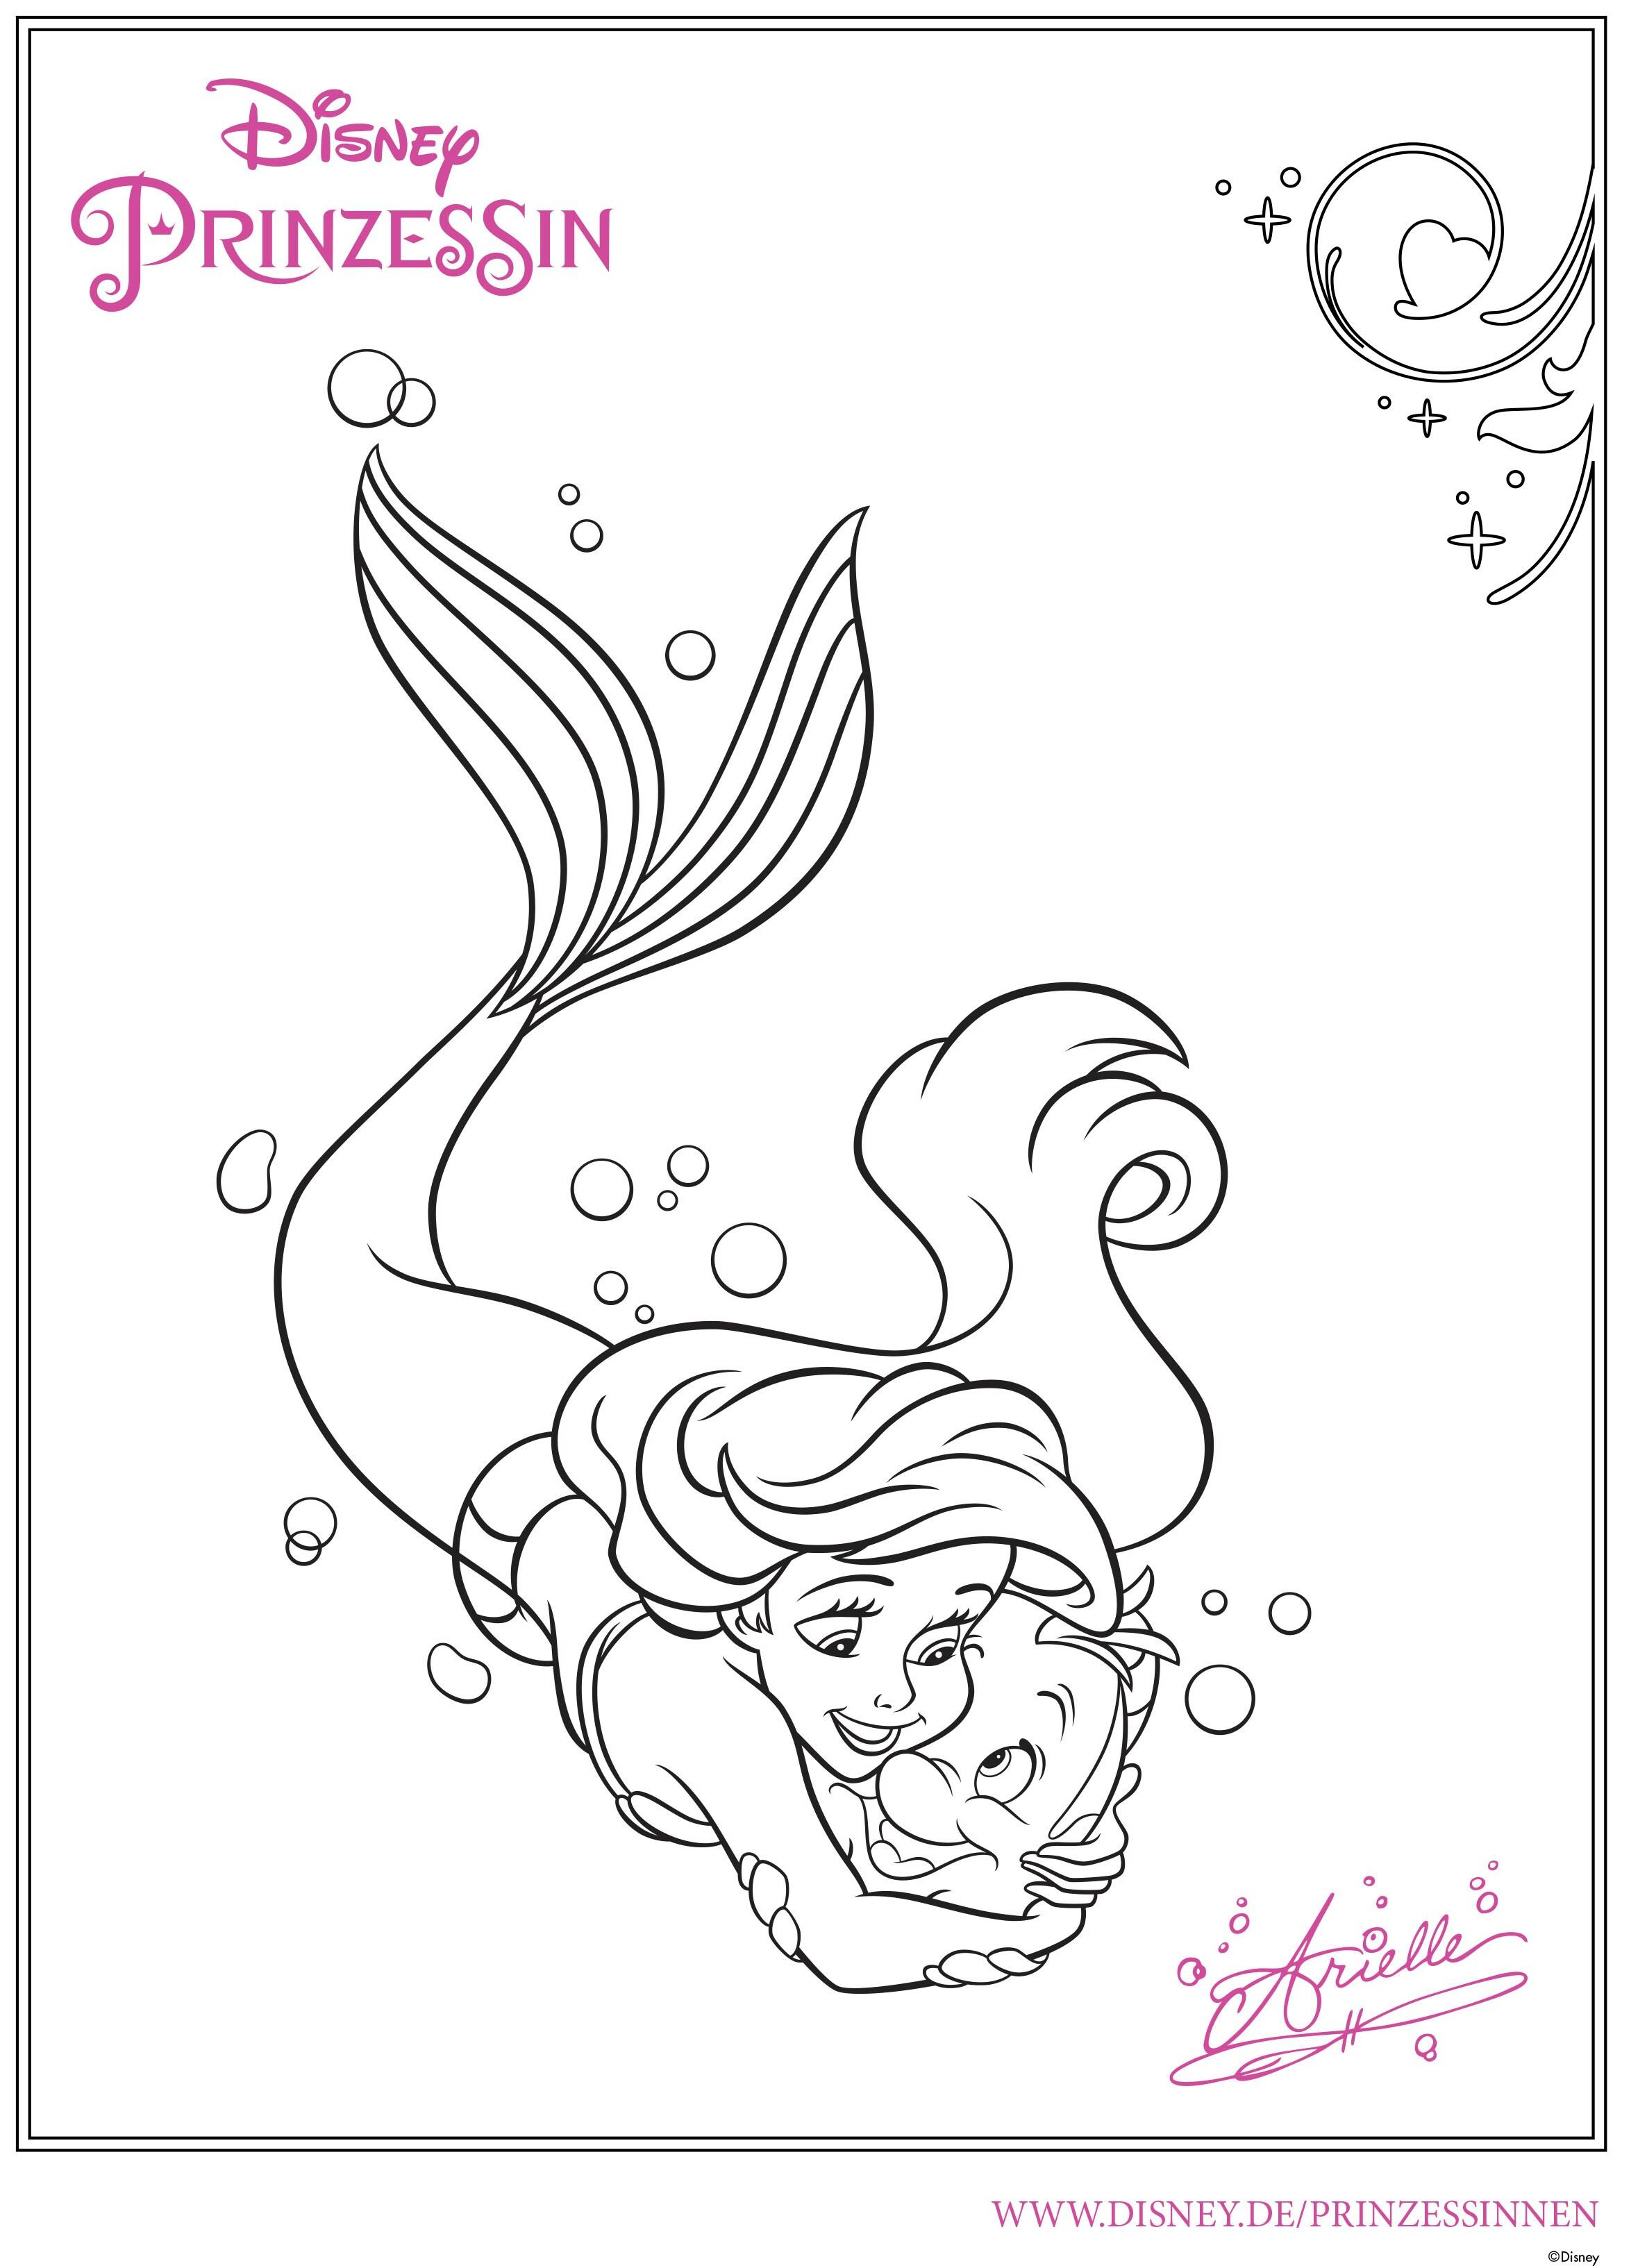 Ziemlich Malvorlagen Disney Prinzessin Ariel Bilder - Malvorlagen ...